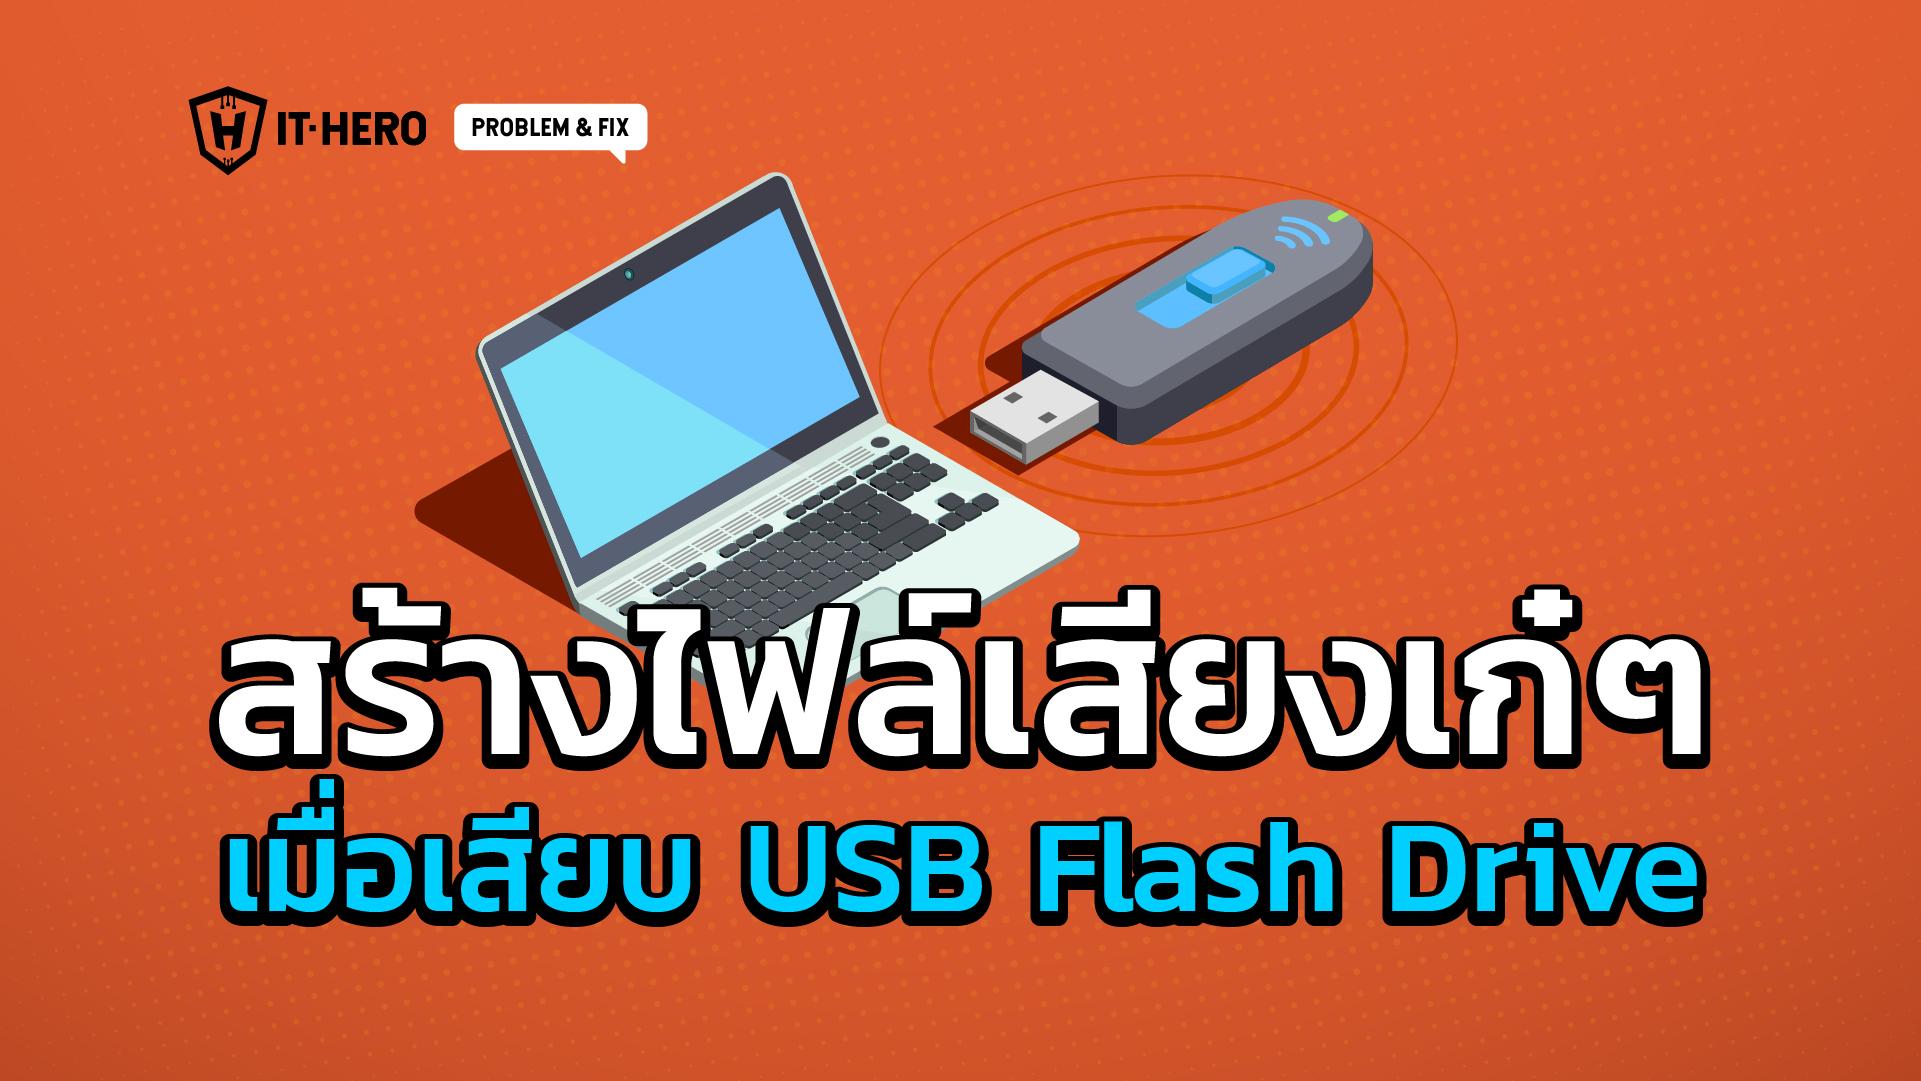 สร้างไฟล์เสียงเก๋ๆให้กับคอมพิวเตอร์ของเราเวลาเสียบ USB Flash Drive  แบบว๊าวๆ